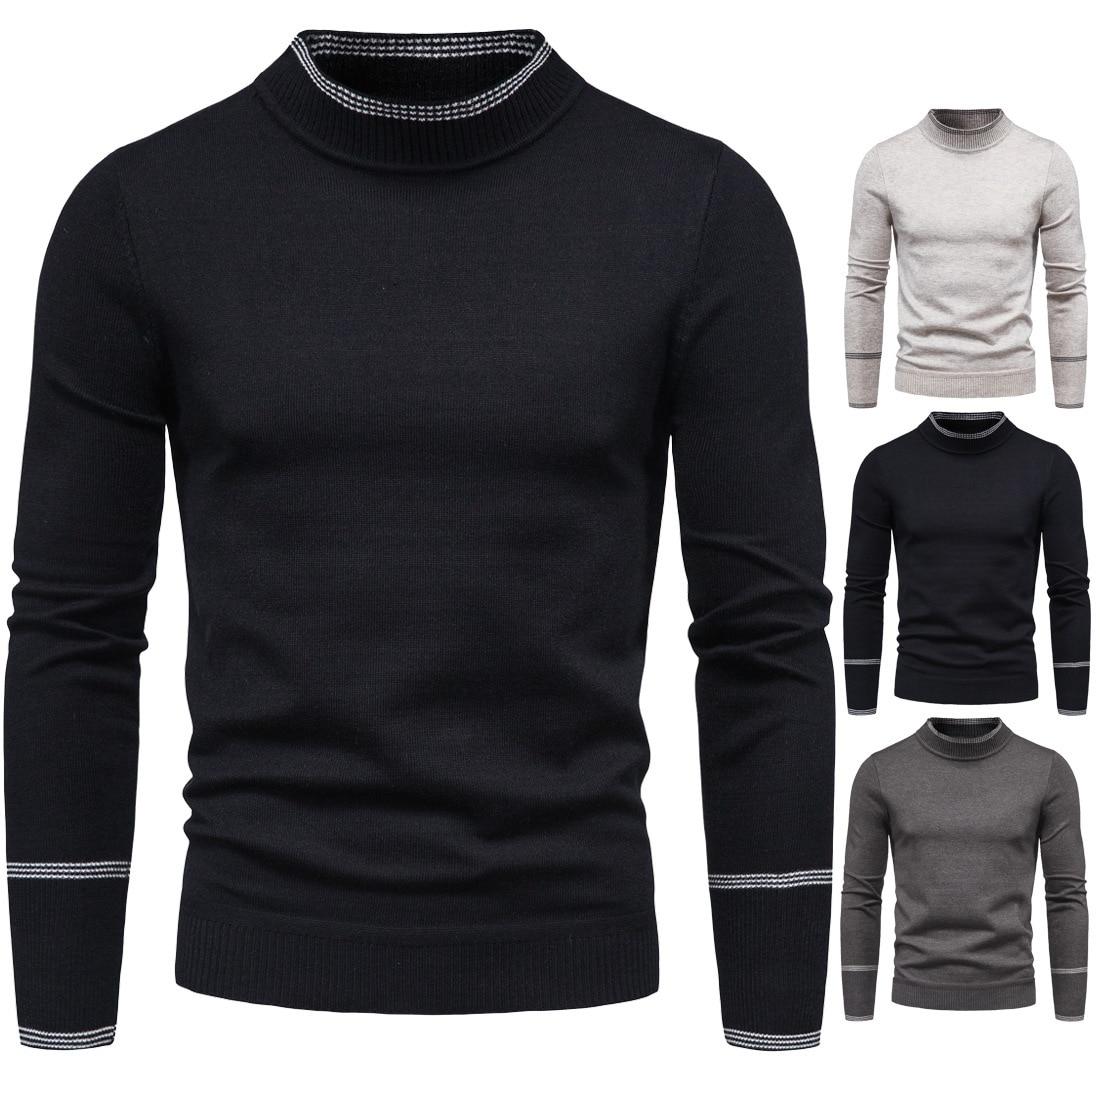 Мужской свитер, новинка 2021, однотонный вязаный пуловер, мужской повседневный зимний черный свитер с длинным рукавом и высоким воротником дл...